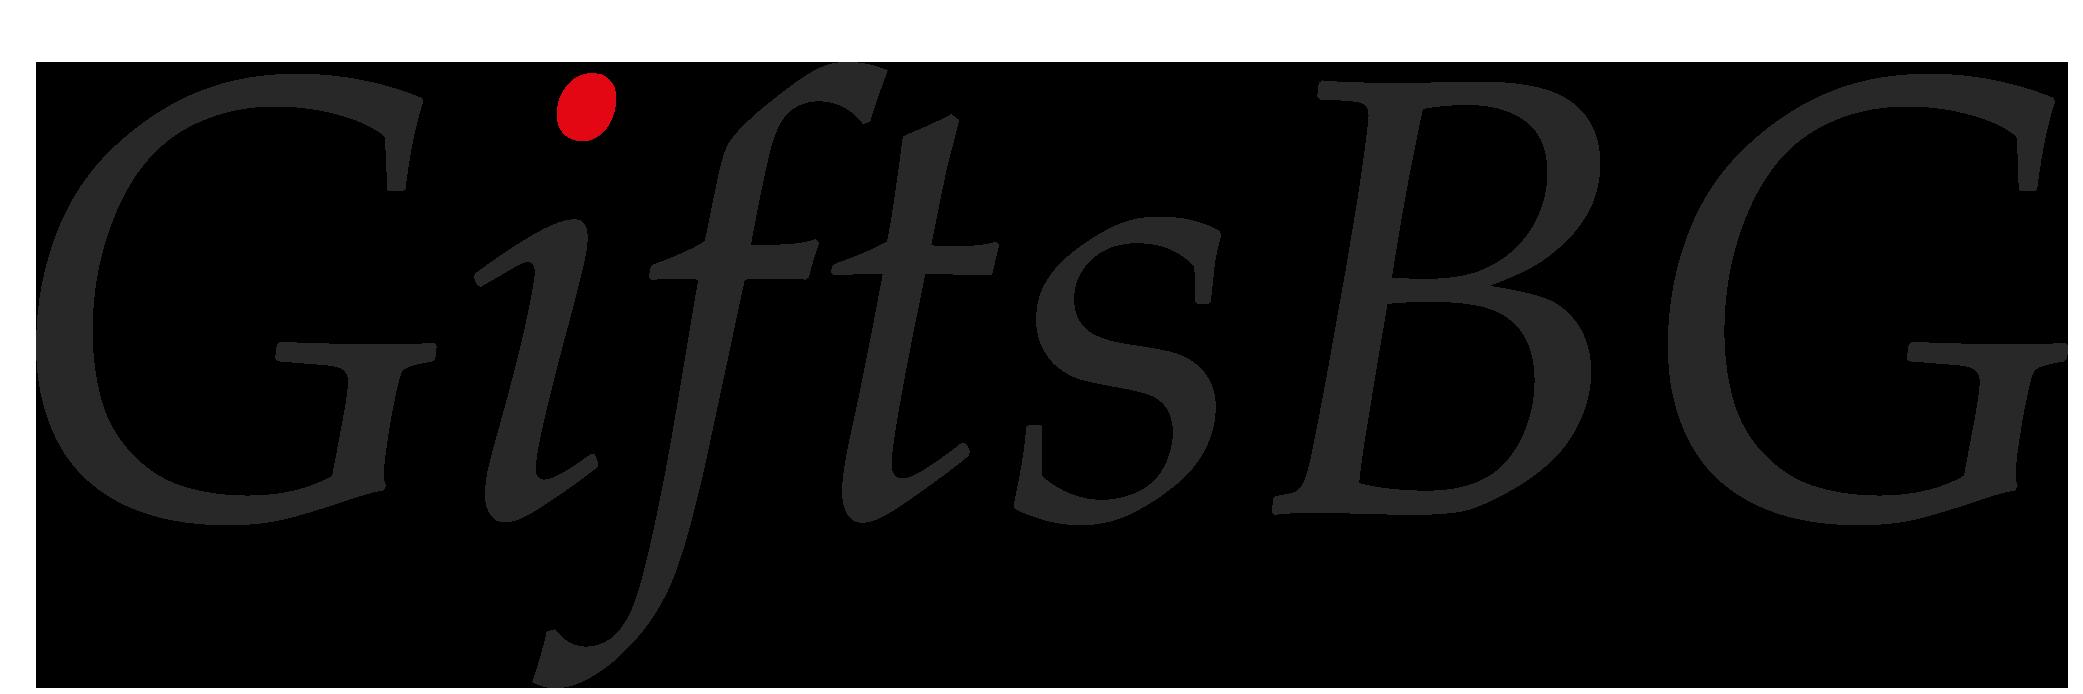 GiftsBG.Net